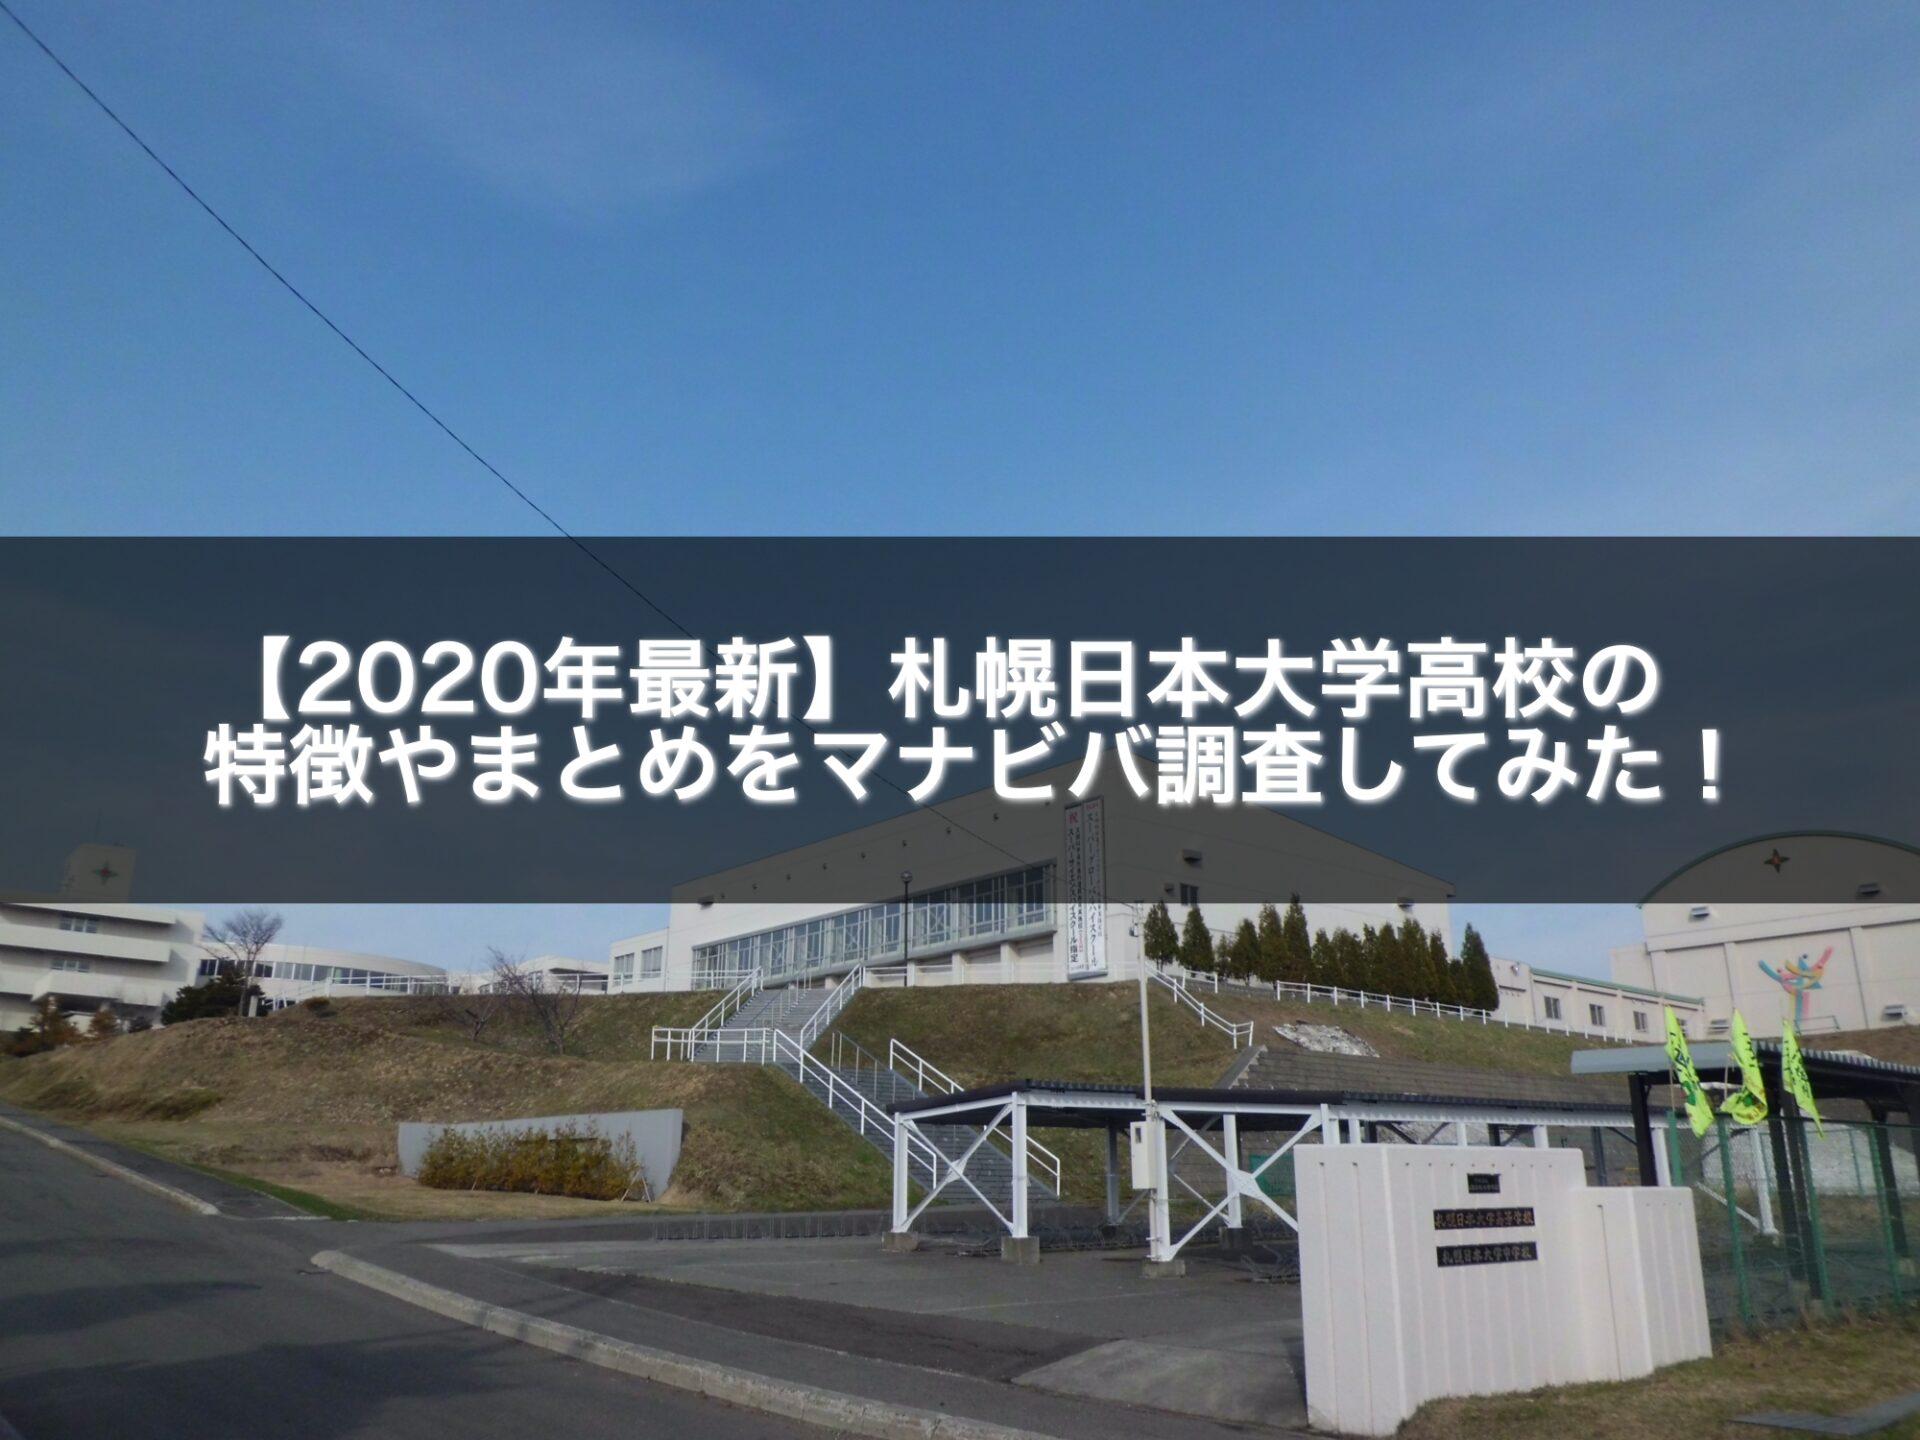 【2020年最新】札幌日本大学高校の特徴やまとめをマナビバ調査してみた!